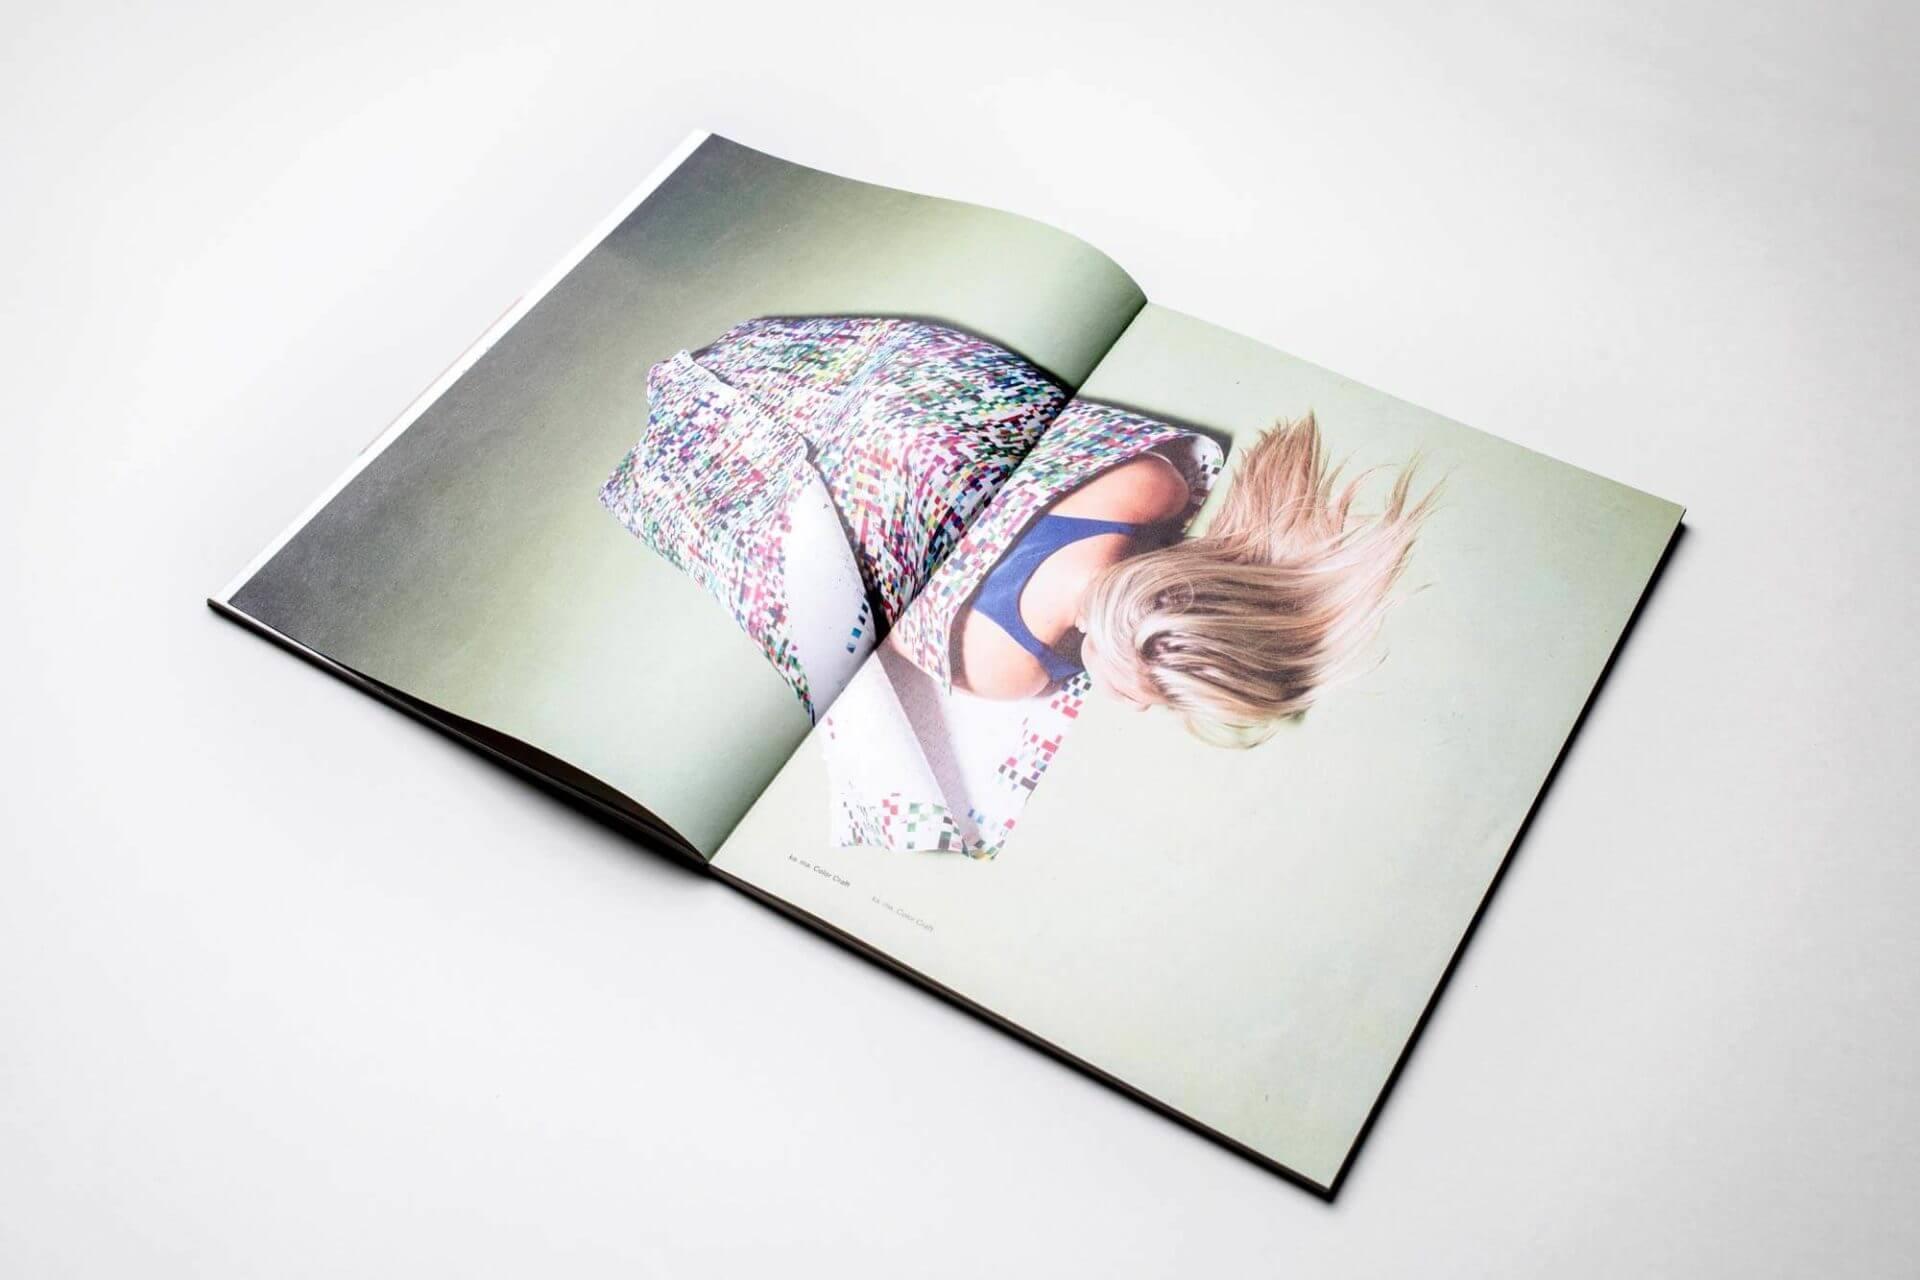 Color Craft Kunstobjekt für Soirée Graphique 2012, Kunsthalle Bern